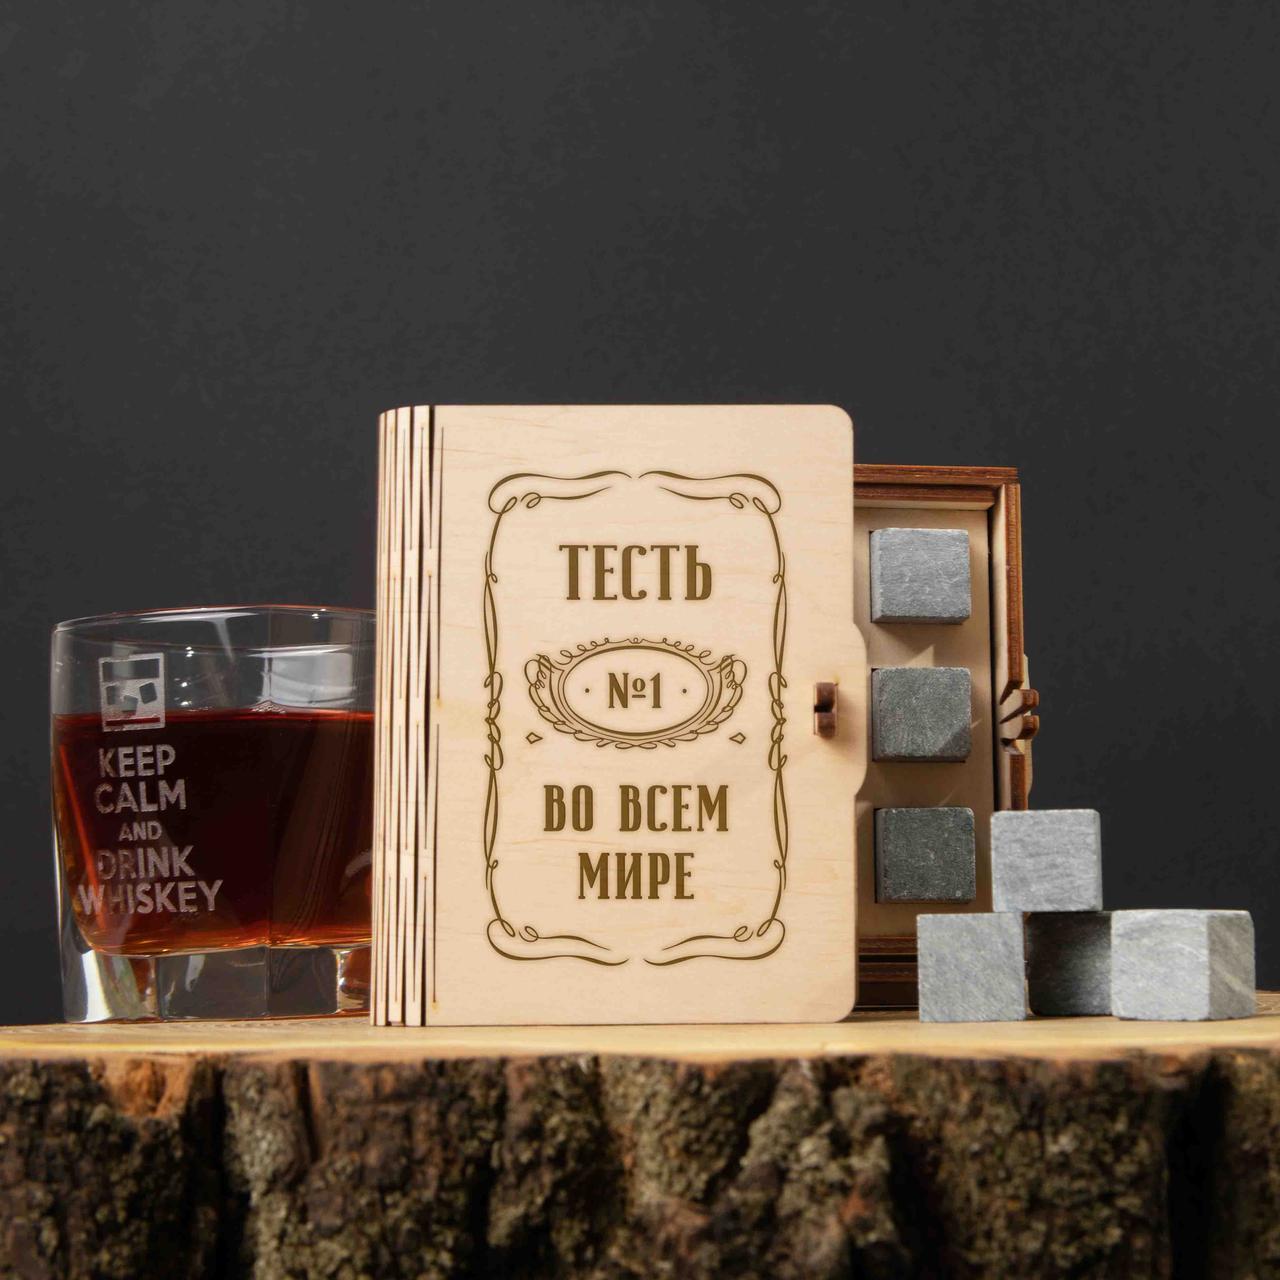 """Камни для виски """"Тесть №1 во всем мире"""" 6 штук в подарочной коробке"""